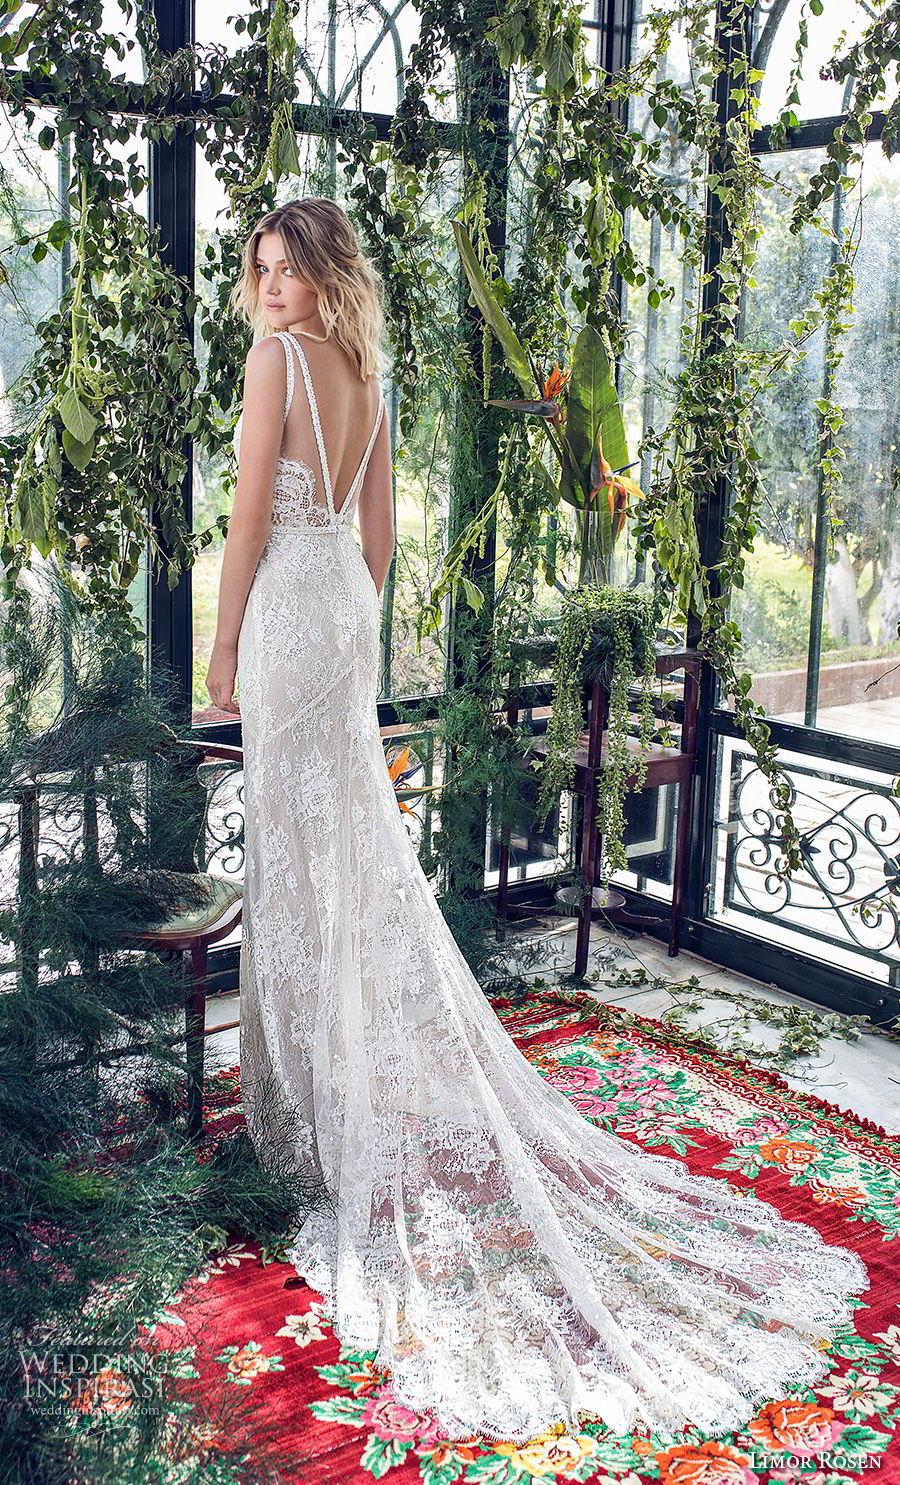 limor rosen 2019 xo bridal sleeveless deep v neck full embellishment open side elegant fit and flare wedding dress open back chapel train (11) bv